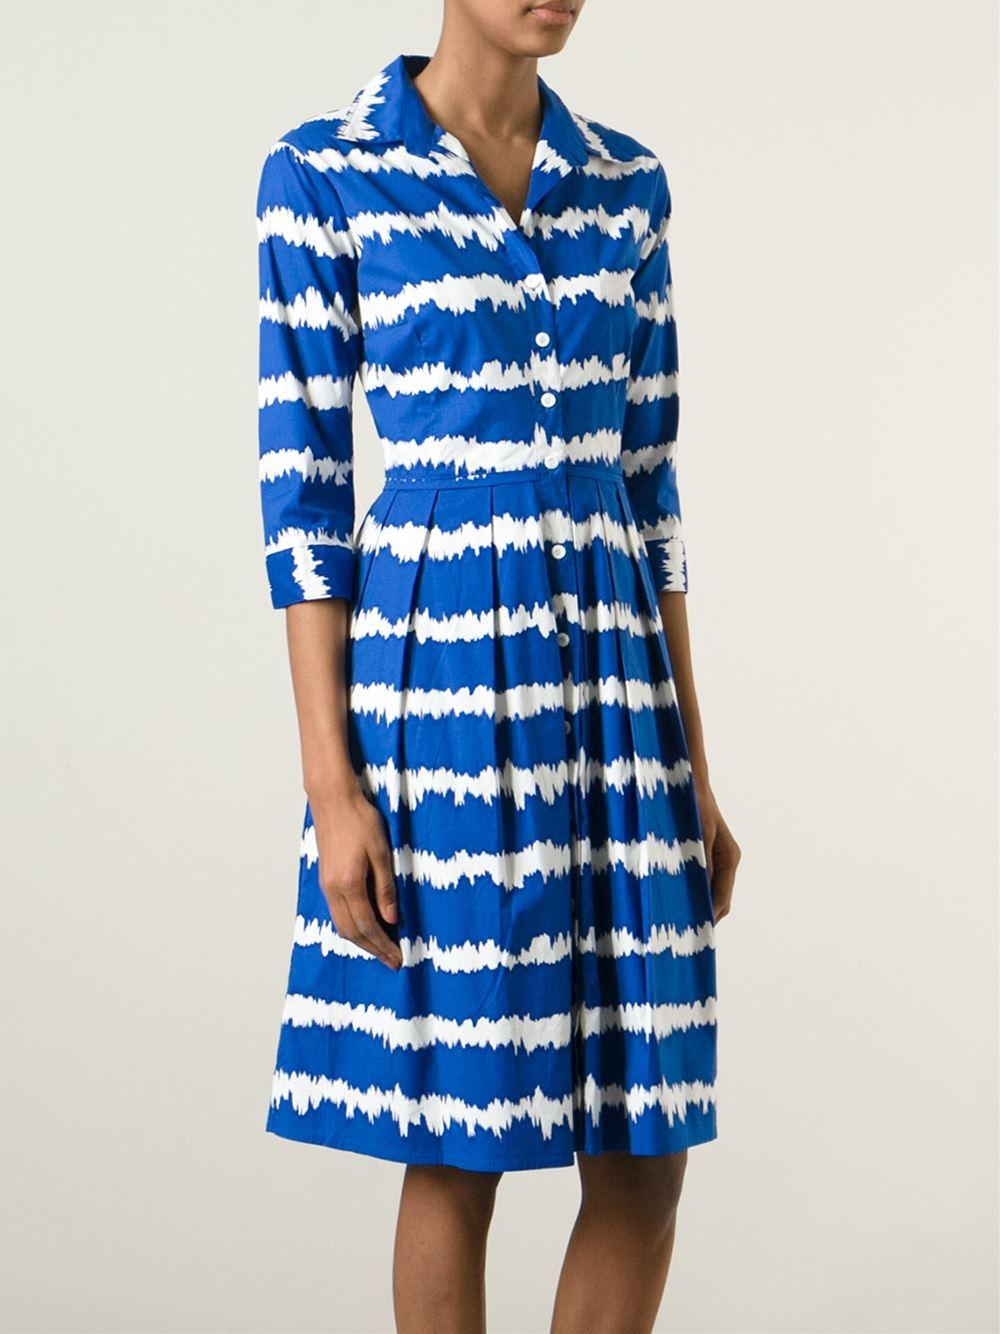 Lyst Samantha Sung Audrey Stretch Cotton Dress In Blue